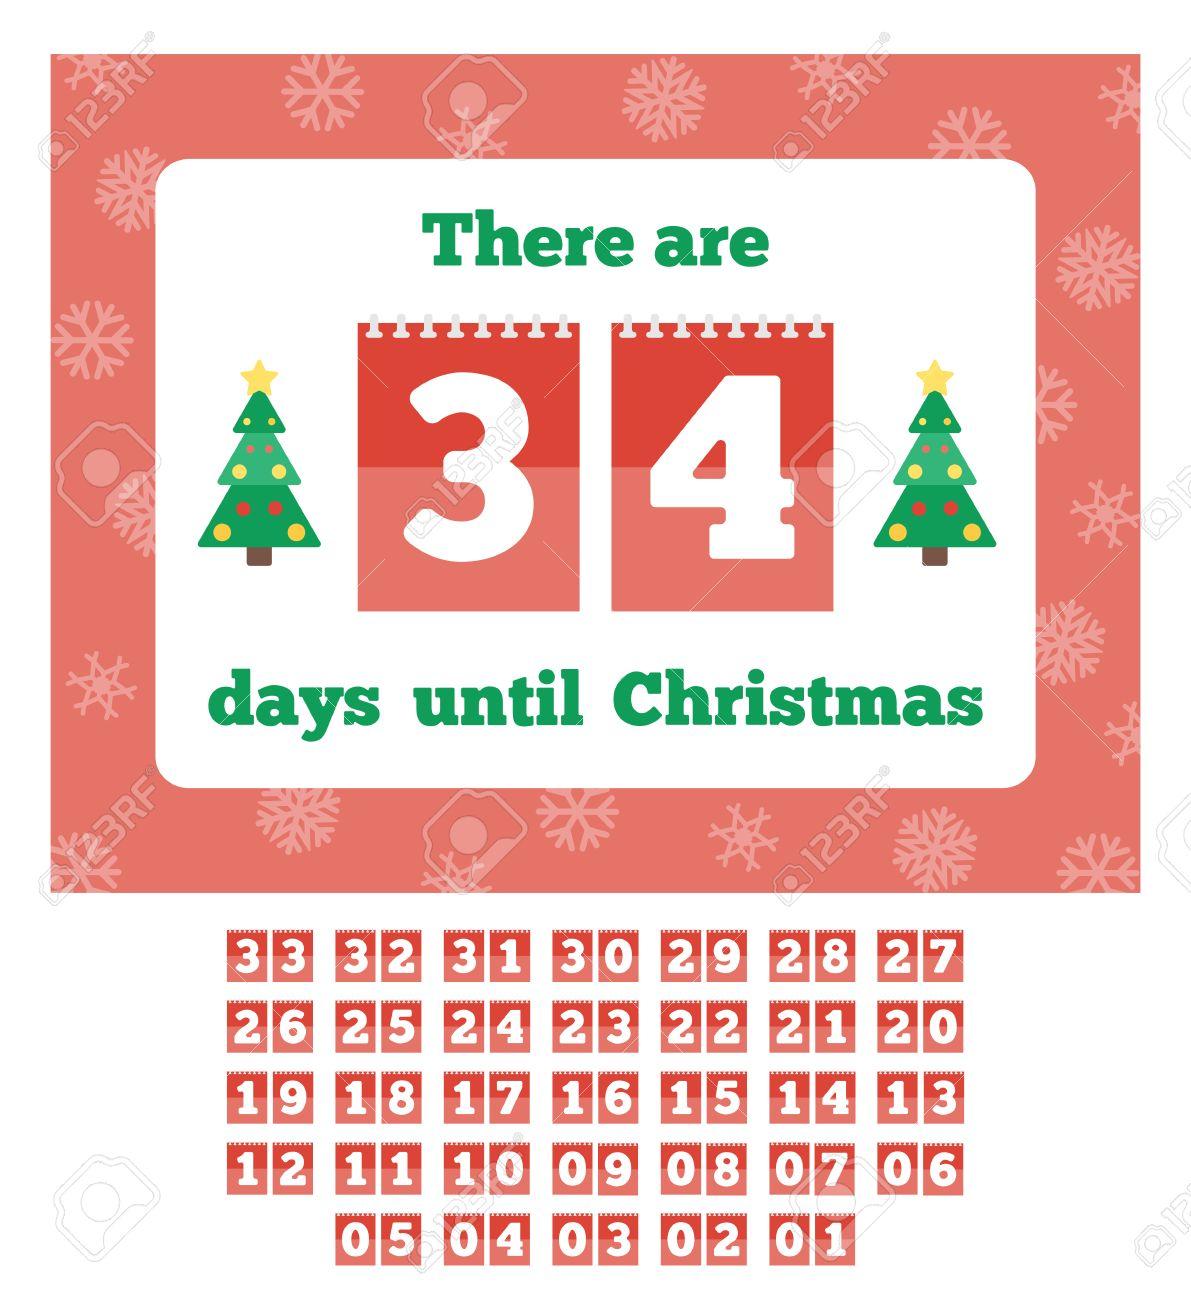 calendario de cuenta regresiva esperando la navidad ilustracin del vector en estilo plano foto